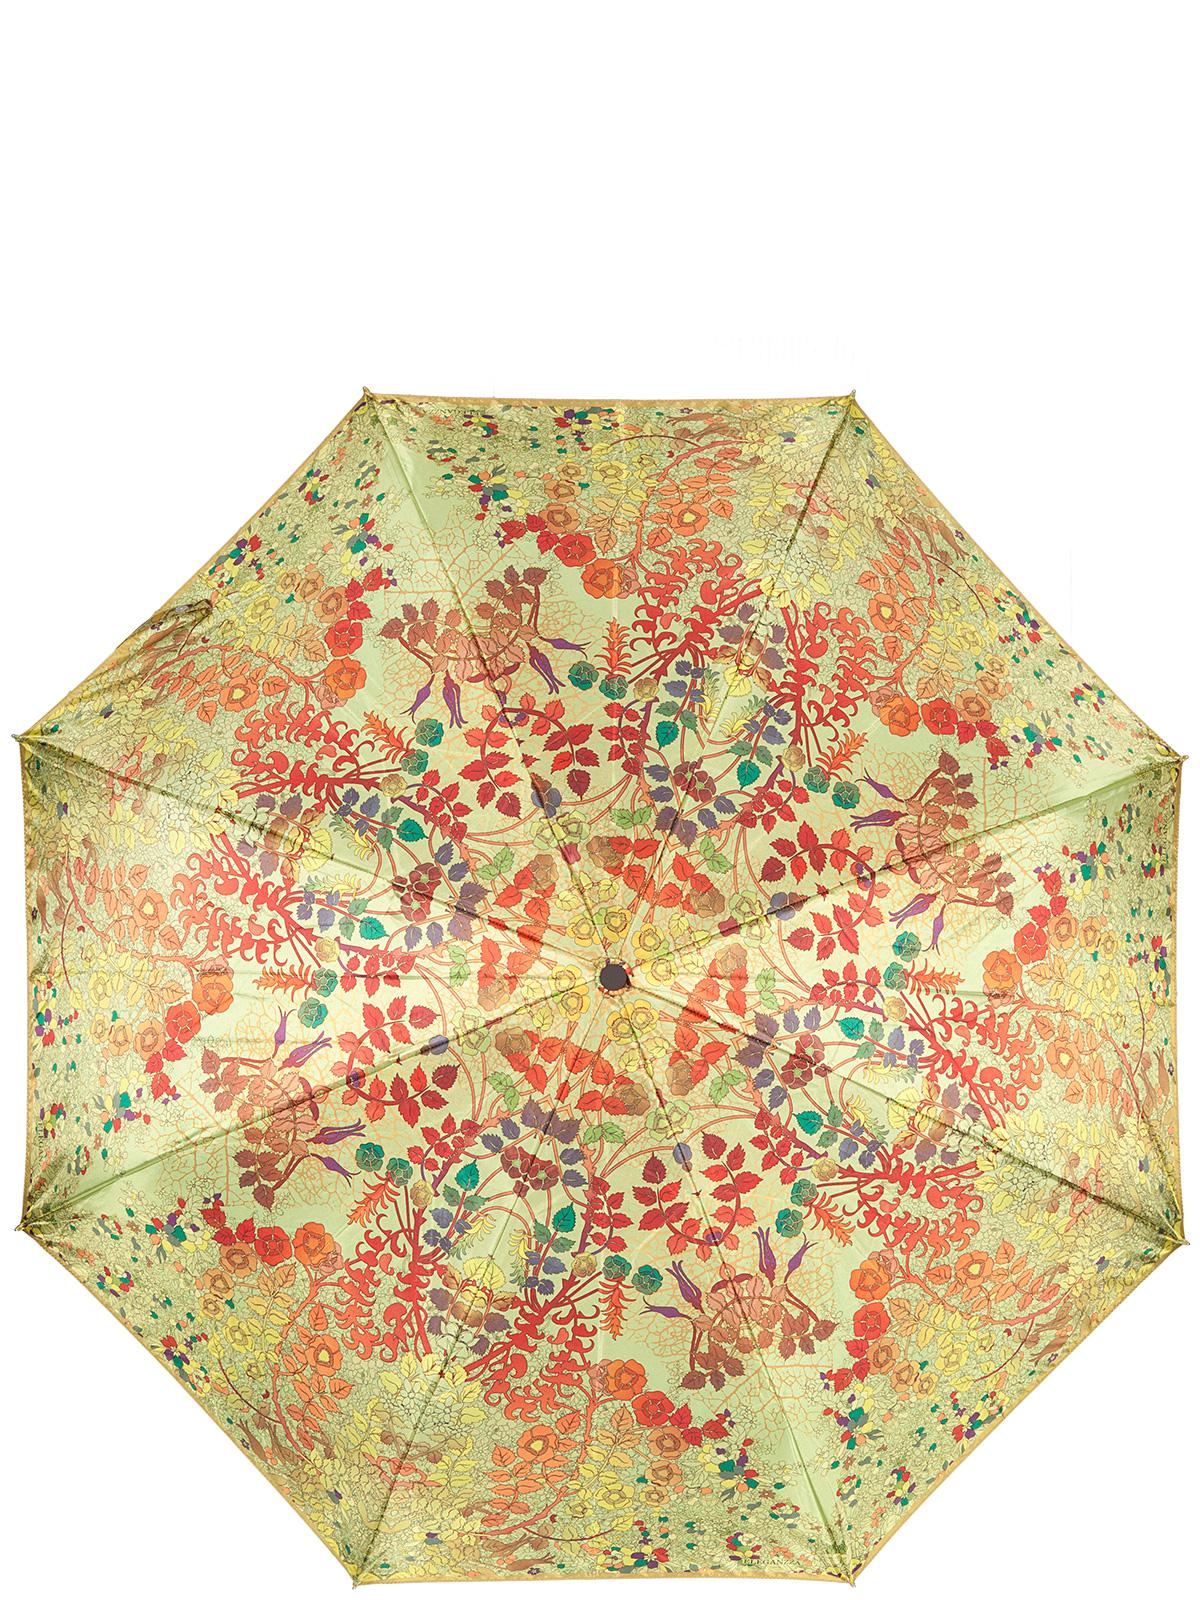 Зонт женский Eleganzza, цвет: салатовый, оранжевый. A3-05-0311LSA3-05-0311LSЖенский зонт-автомат торговой марки Eleganzza с каркасом Smart, который позволяет без особых усилий складывать зонт, не позволяя стержню вылетать обратно. Купол: 100% полиэстер, сатин. Материал каркаса: сталь + фибергласс. Материал ручки: пластик. Длина изделия - 30 см. Диаметр купола - 105 см. Система Smart, не позволяет стержню при сложении вылететь обратно, это облегчает сложение зонта! При сложении есть характерный звук-треск, как трещетка. Примечание: зонт не откроется с кнопки если его не закрыть до щелчка.